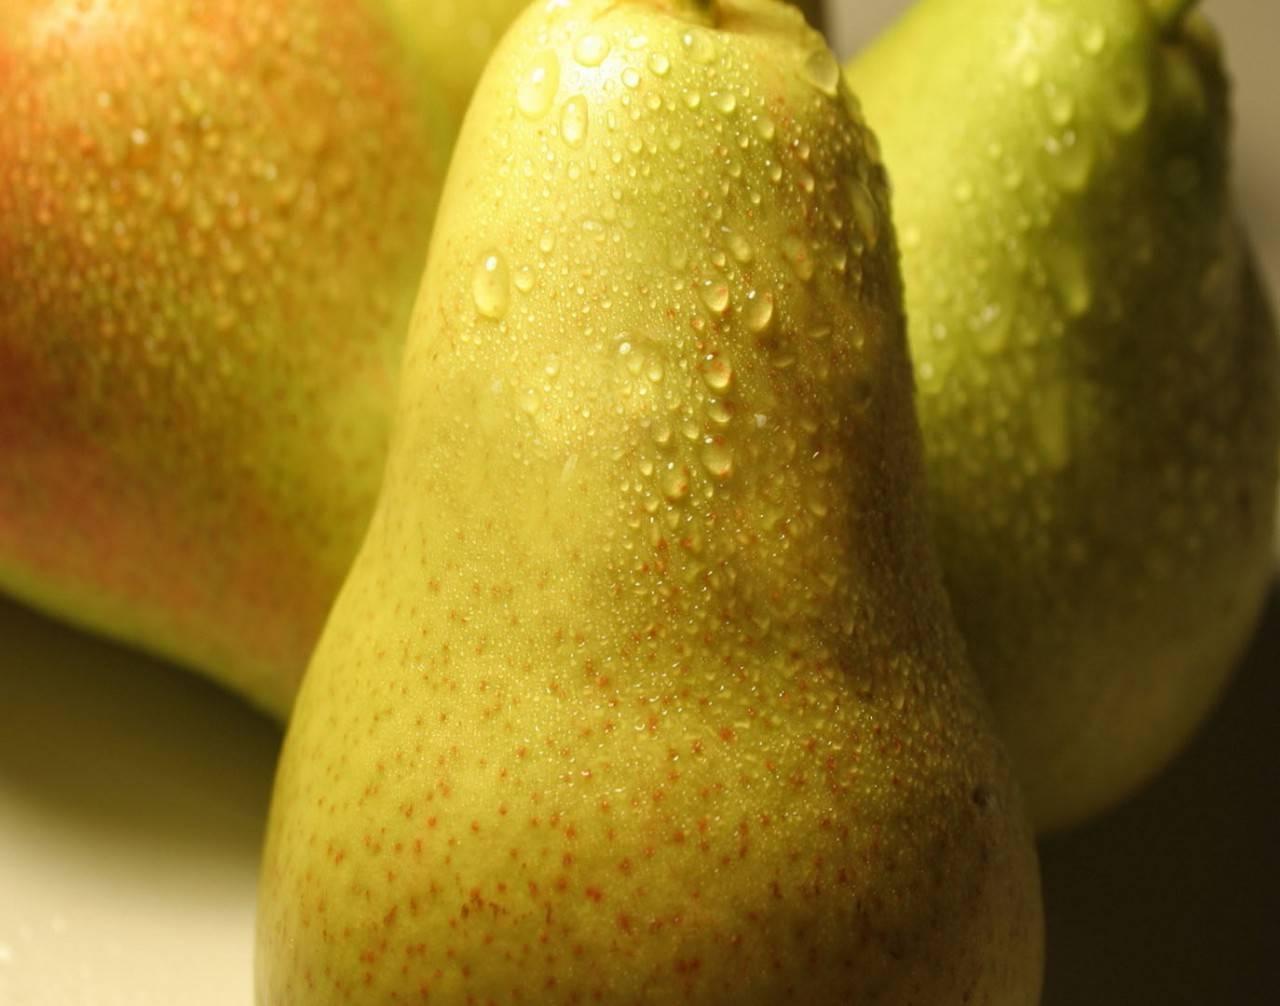 Описание груши сорта «вильямс»: характеристики сорта, фото, отзывы садоводов